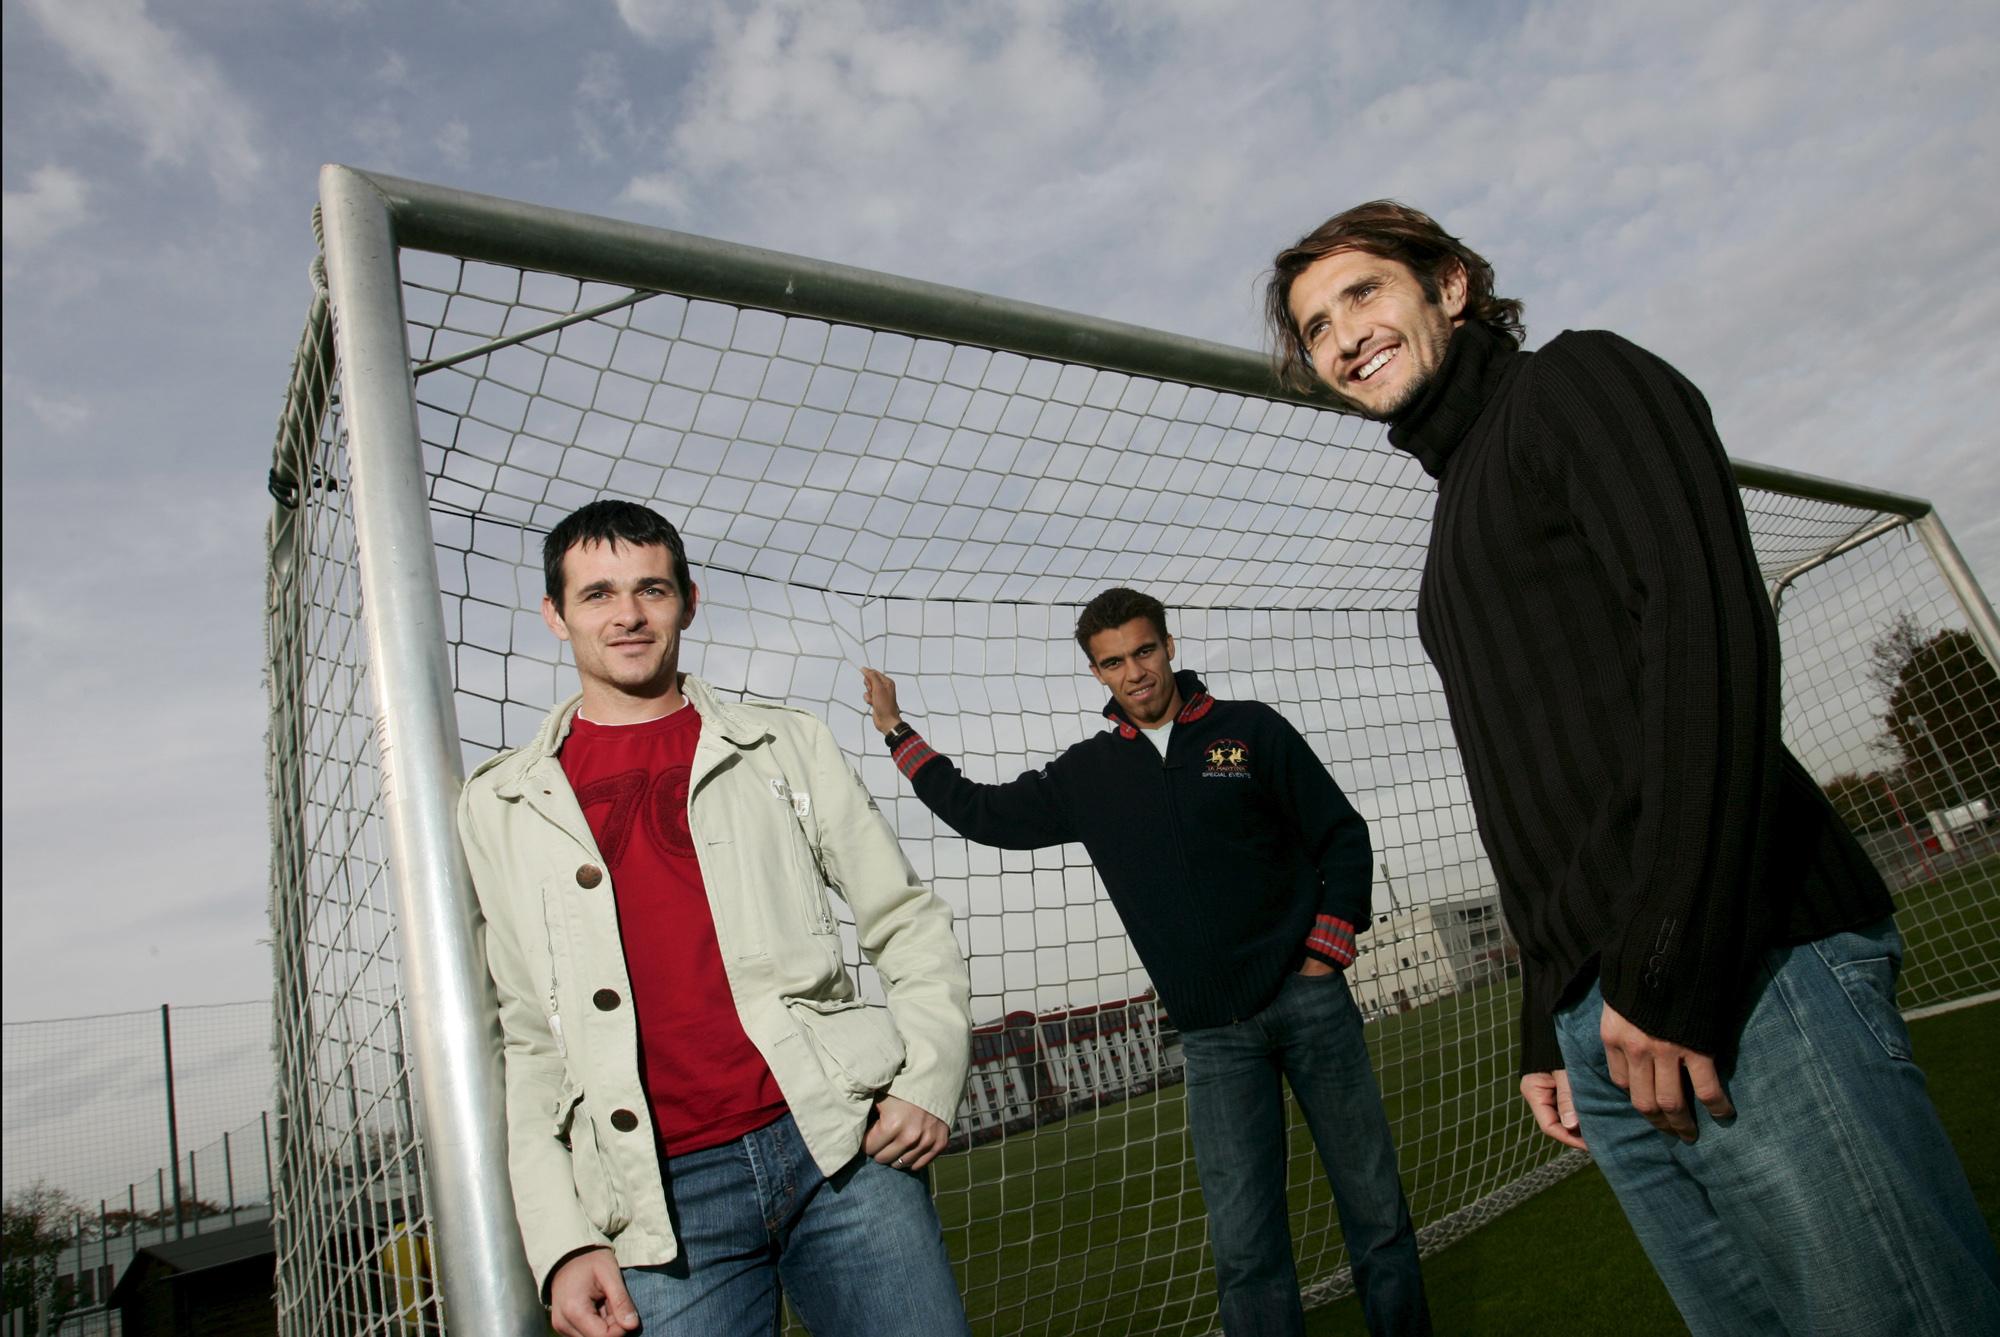 Rencontre avec Willy Sagnol, Valérien Ismael et Bixente Lizarazu (Munich, ALLEMAGNE, 2005) Copyright ALAIN GADOFFRE